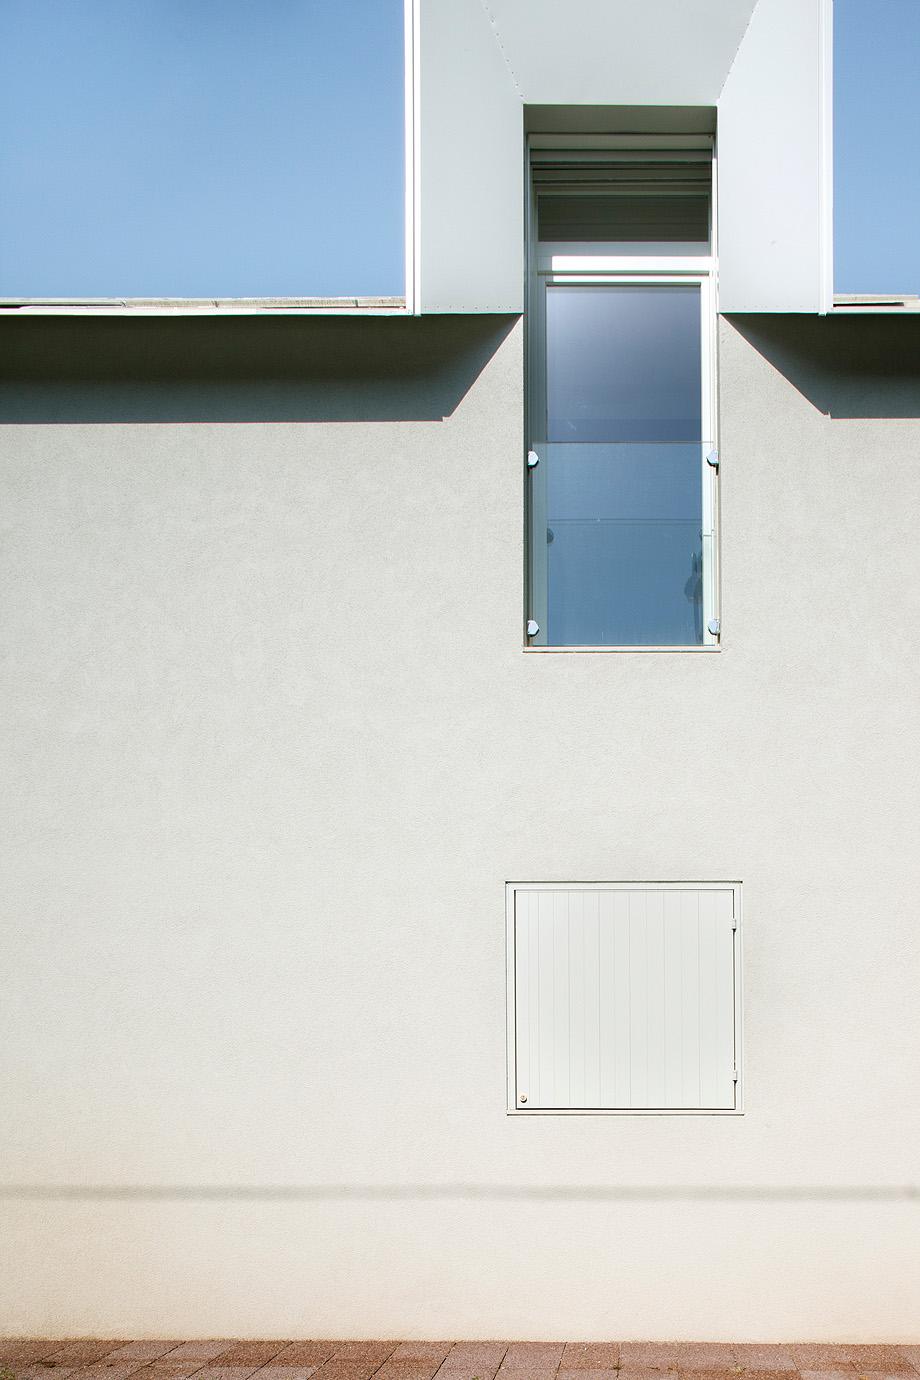 casa en pordenone de corde architetti associati - alessandra bello (14)